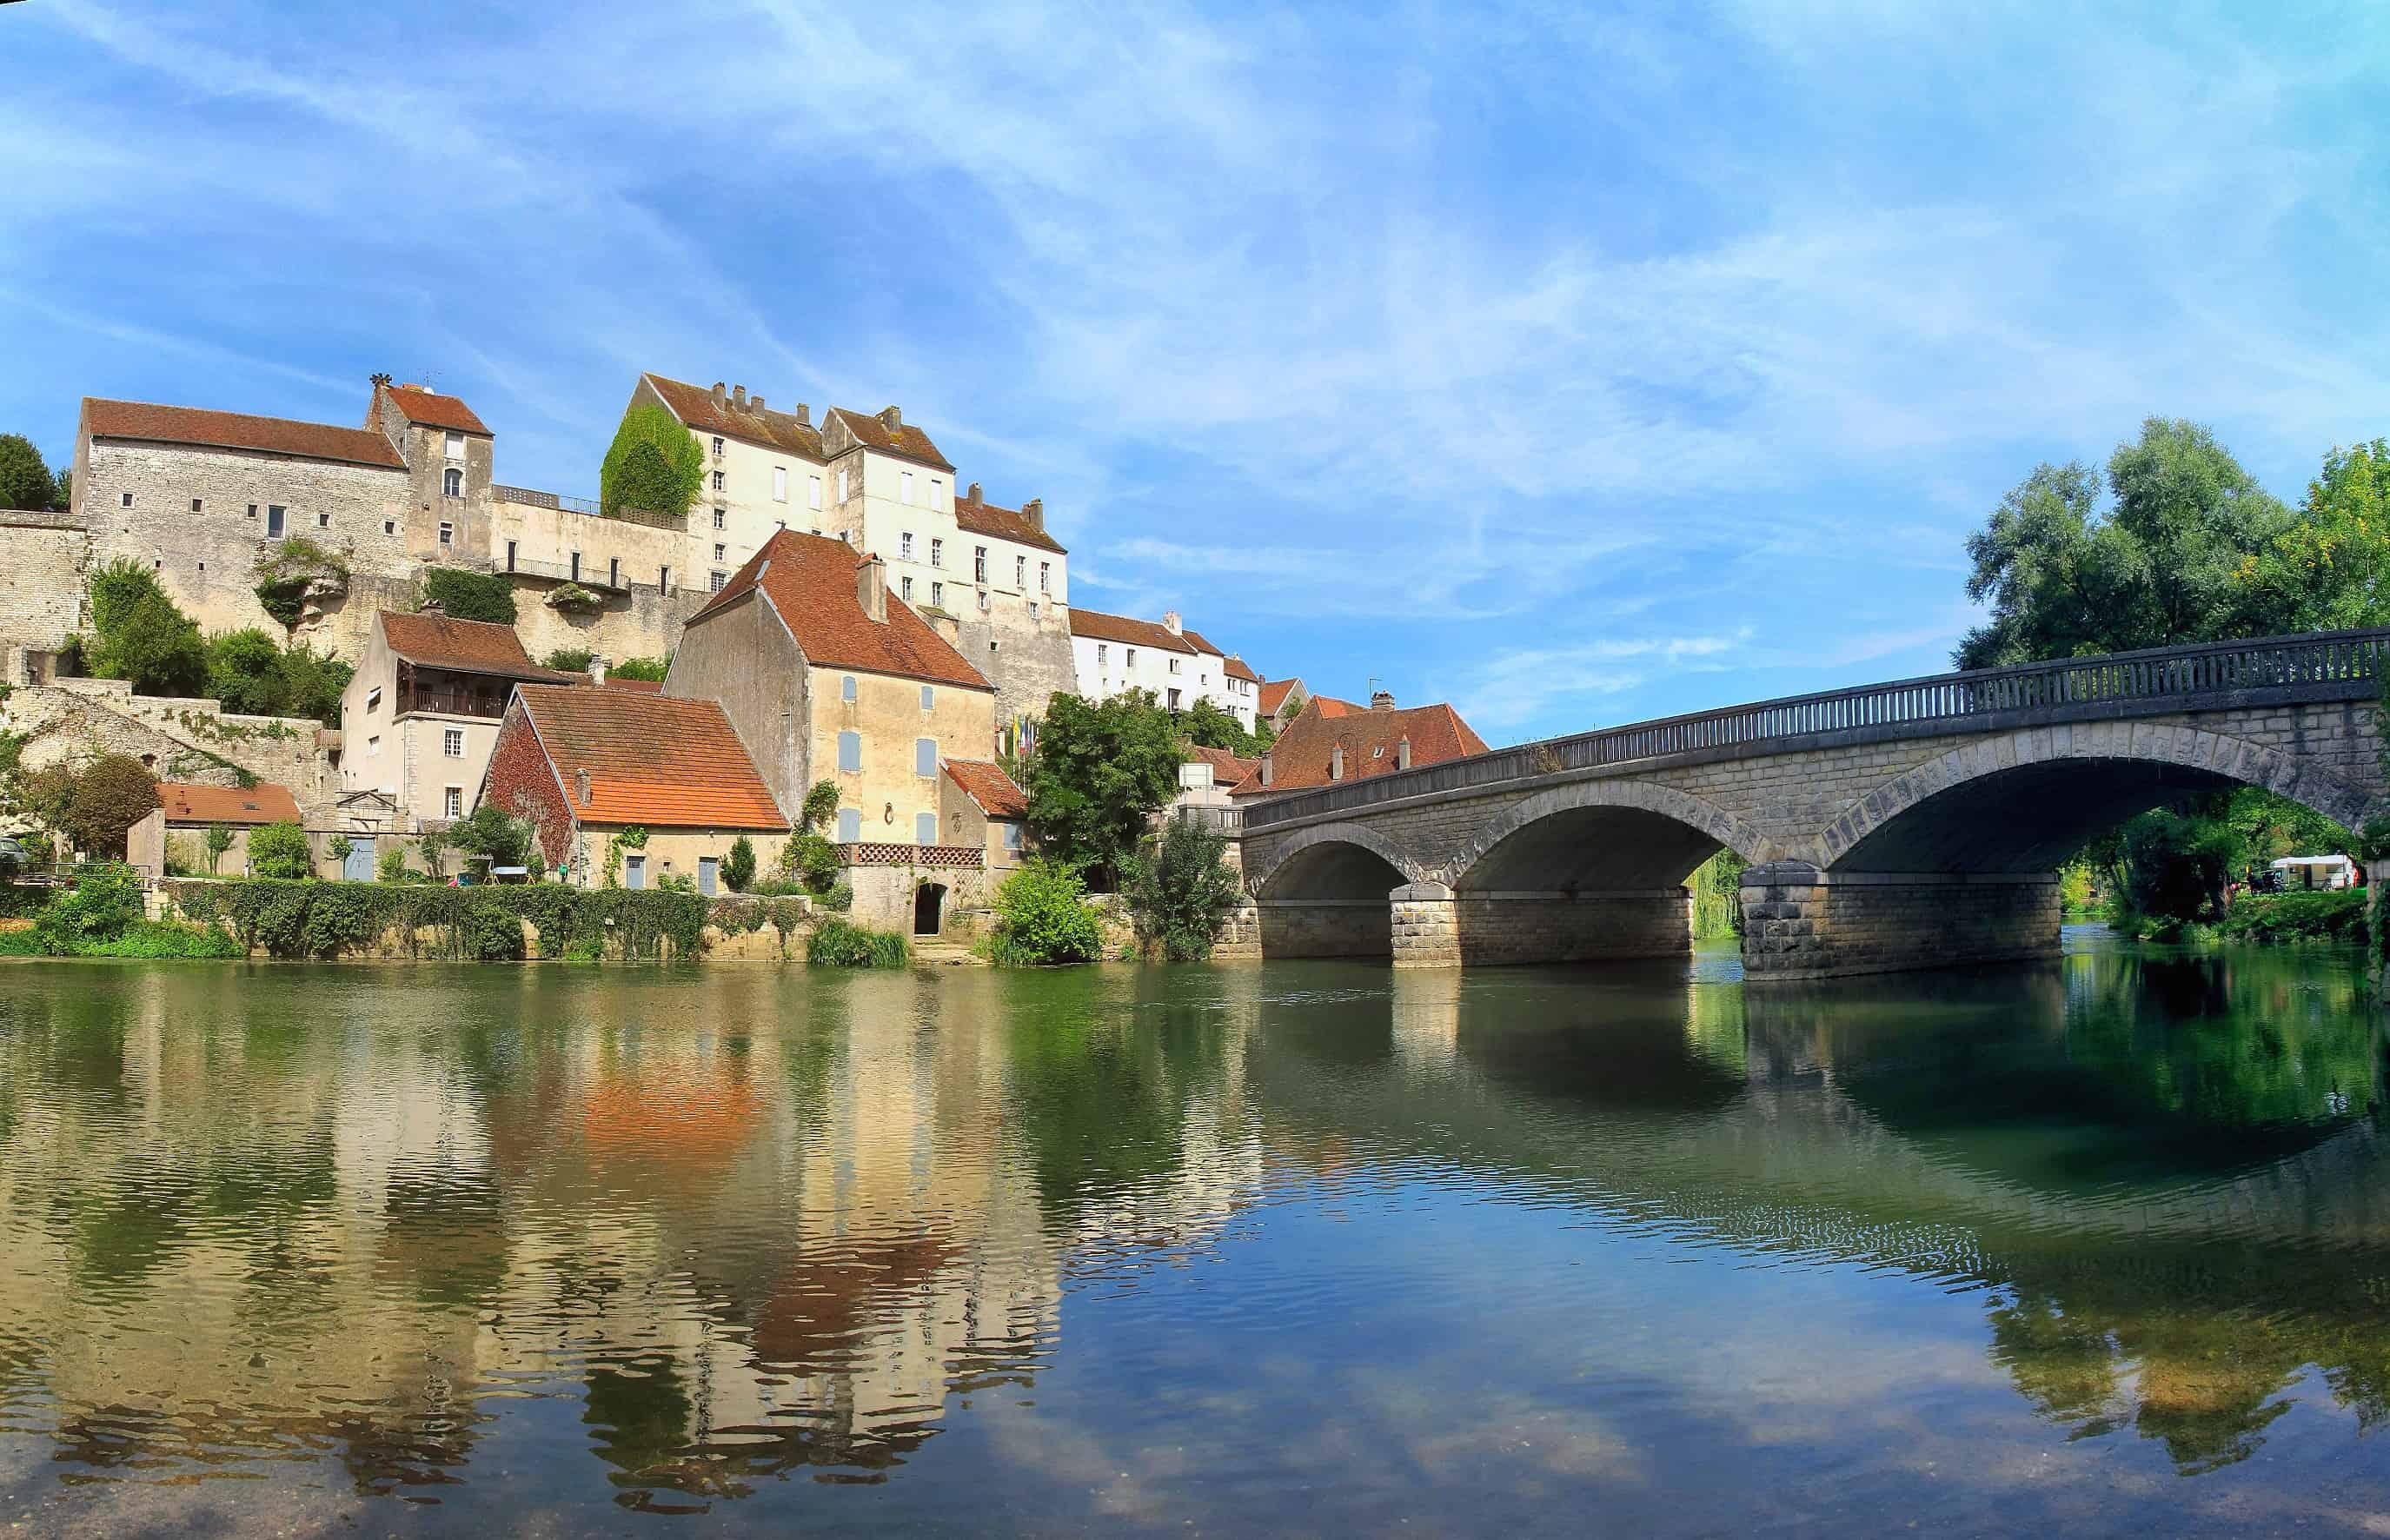 Een brug over het water leidt naar Pesmes, een van de mooiste Franse dorpjes.